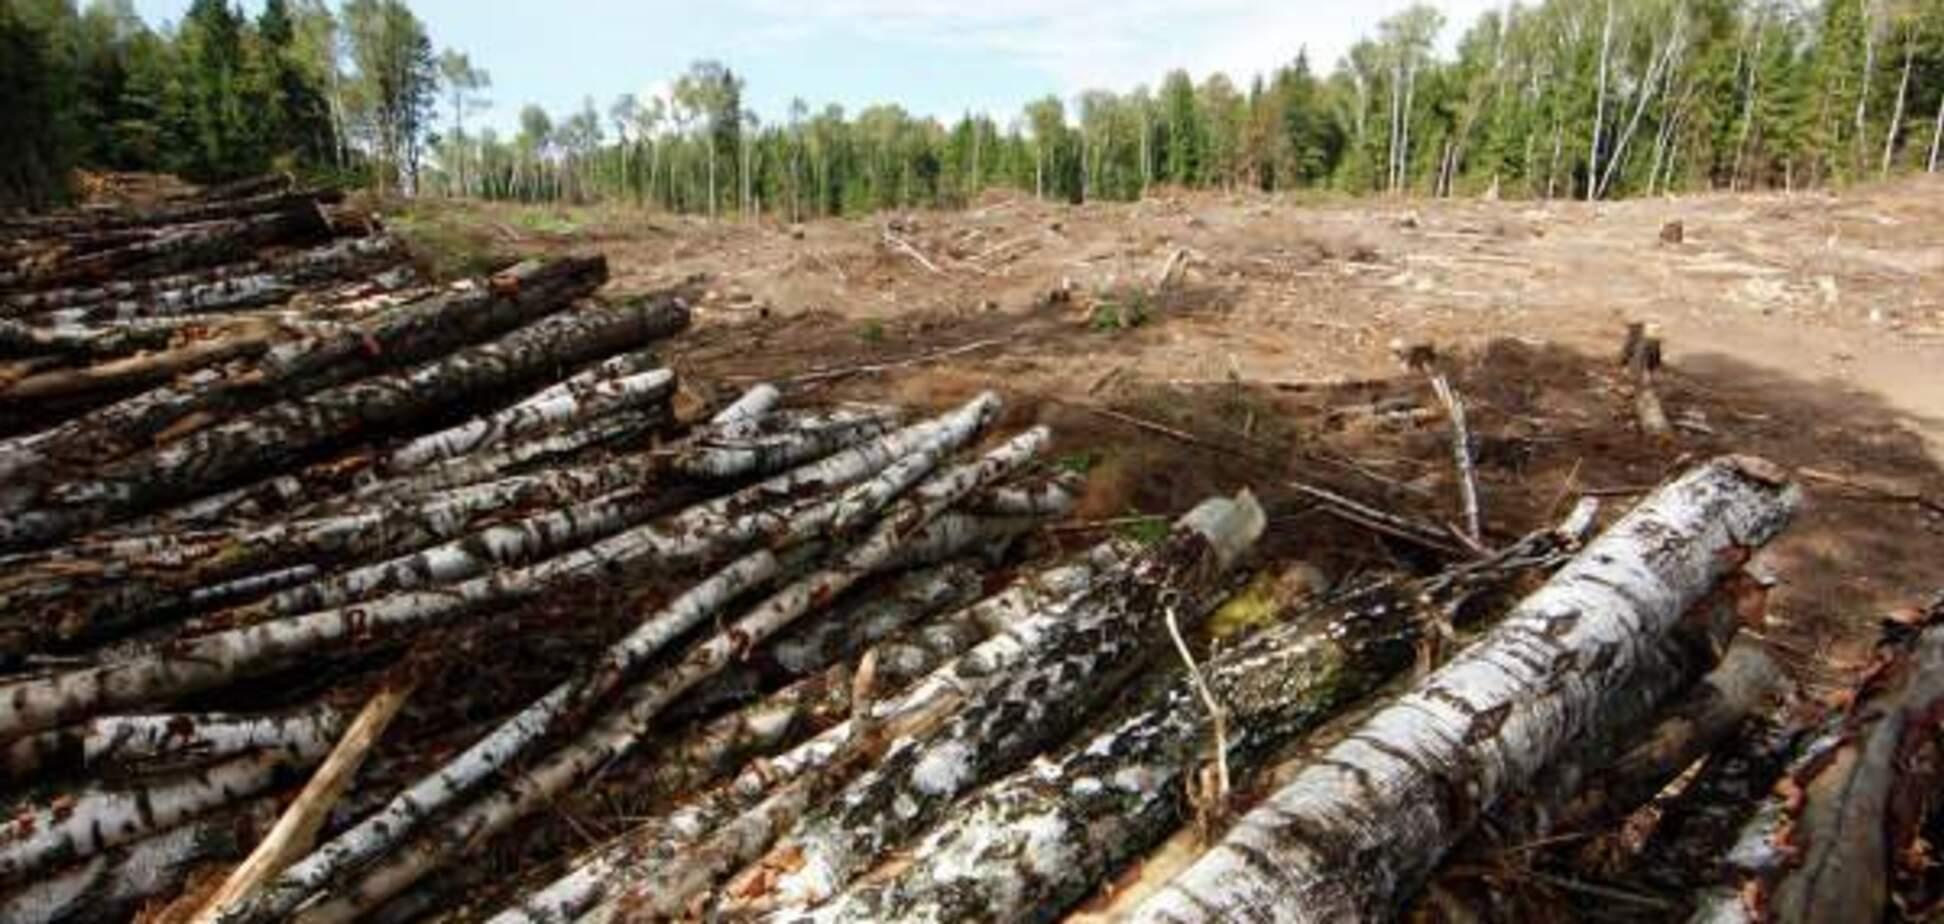 Закон о контрабанде леса могут не подписать, на Порошенко уже вышли люди, - Галасюк